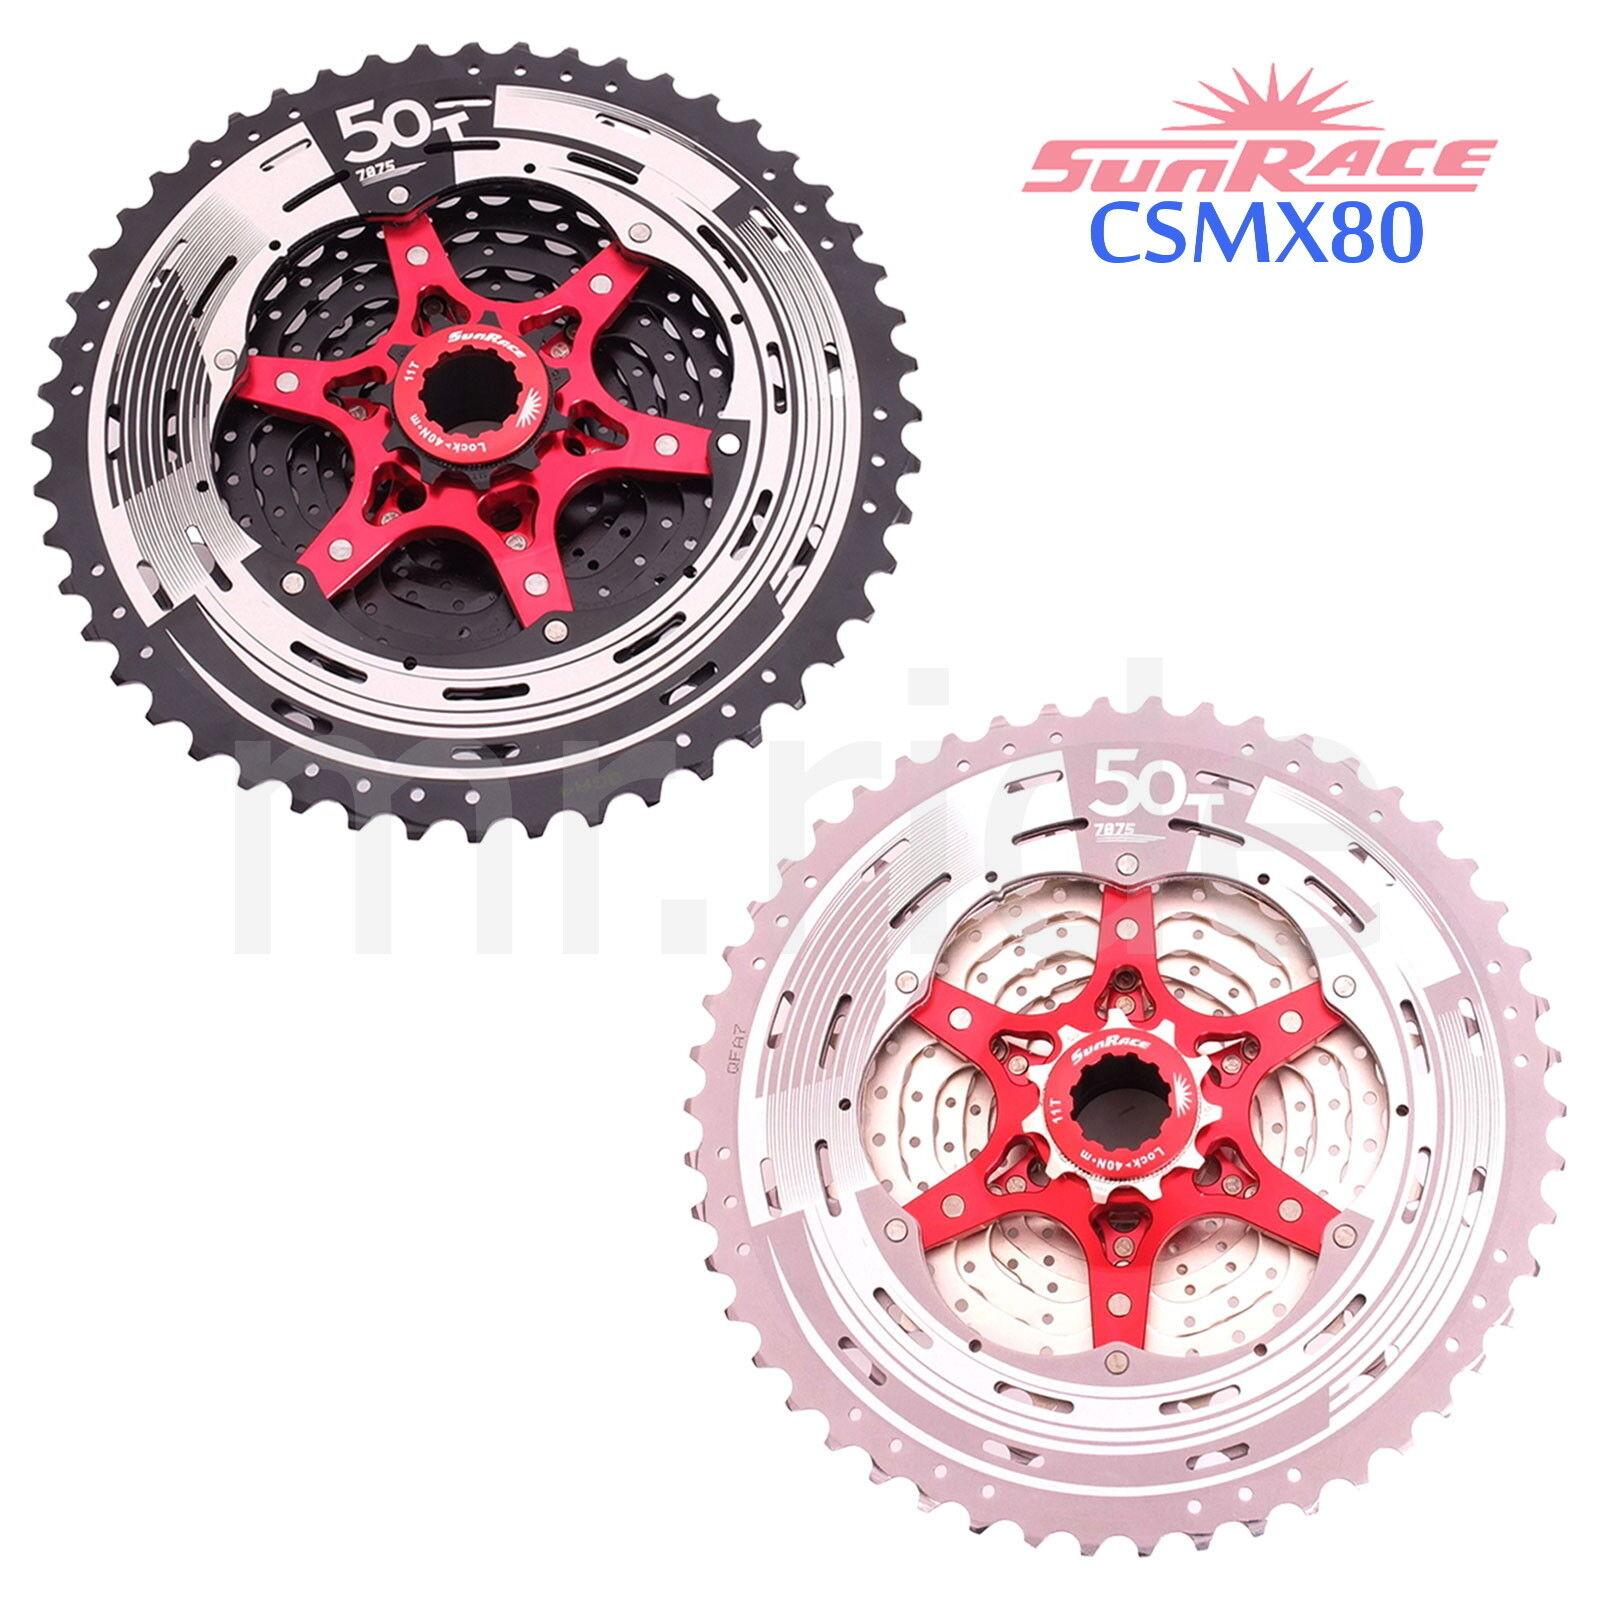 SunRace CSMX80 Bicicleta de Montaña  Bici Cassette De 11-50T de 11 velocidades para Shimano Sram 11 velocidad  ofrecemos varias marcas famosas